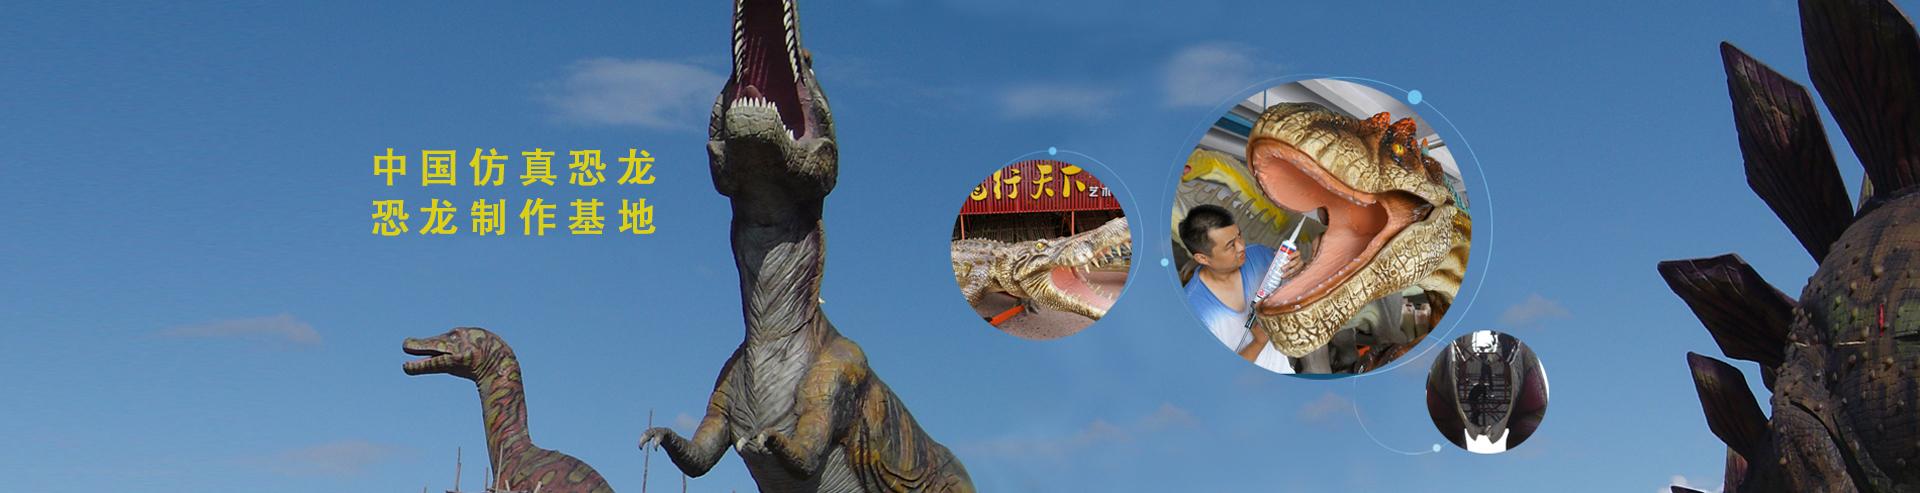 仿真恐龙制作